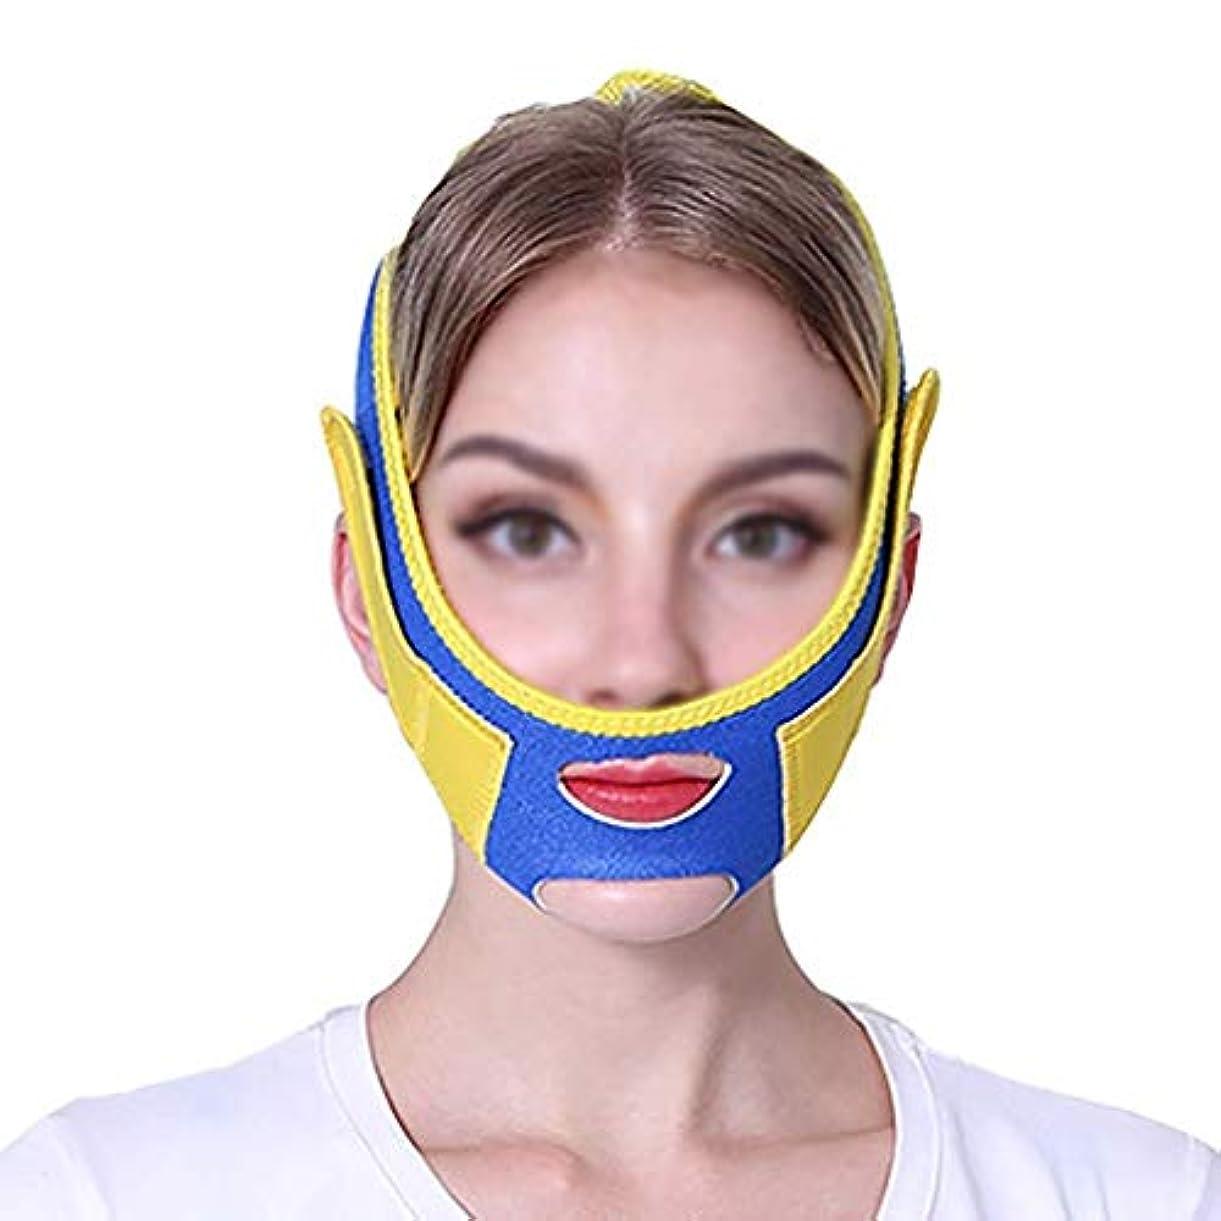 アラームヘルシー基礎ファーミングフェイスマスク、スモールVフェイスアーティファクトリフティングマスクフェイスリフティングフェイスメロンフェイスリフティングフェイスマスクファーミングクリームフェイスリフティングバンデージ